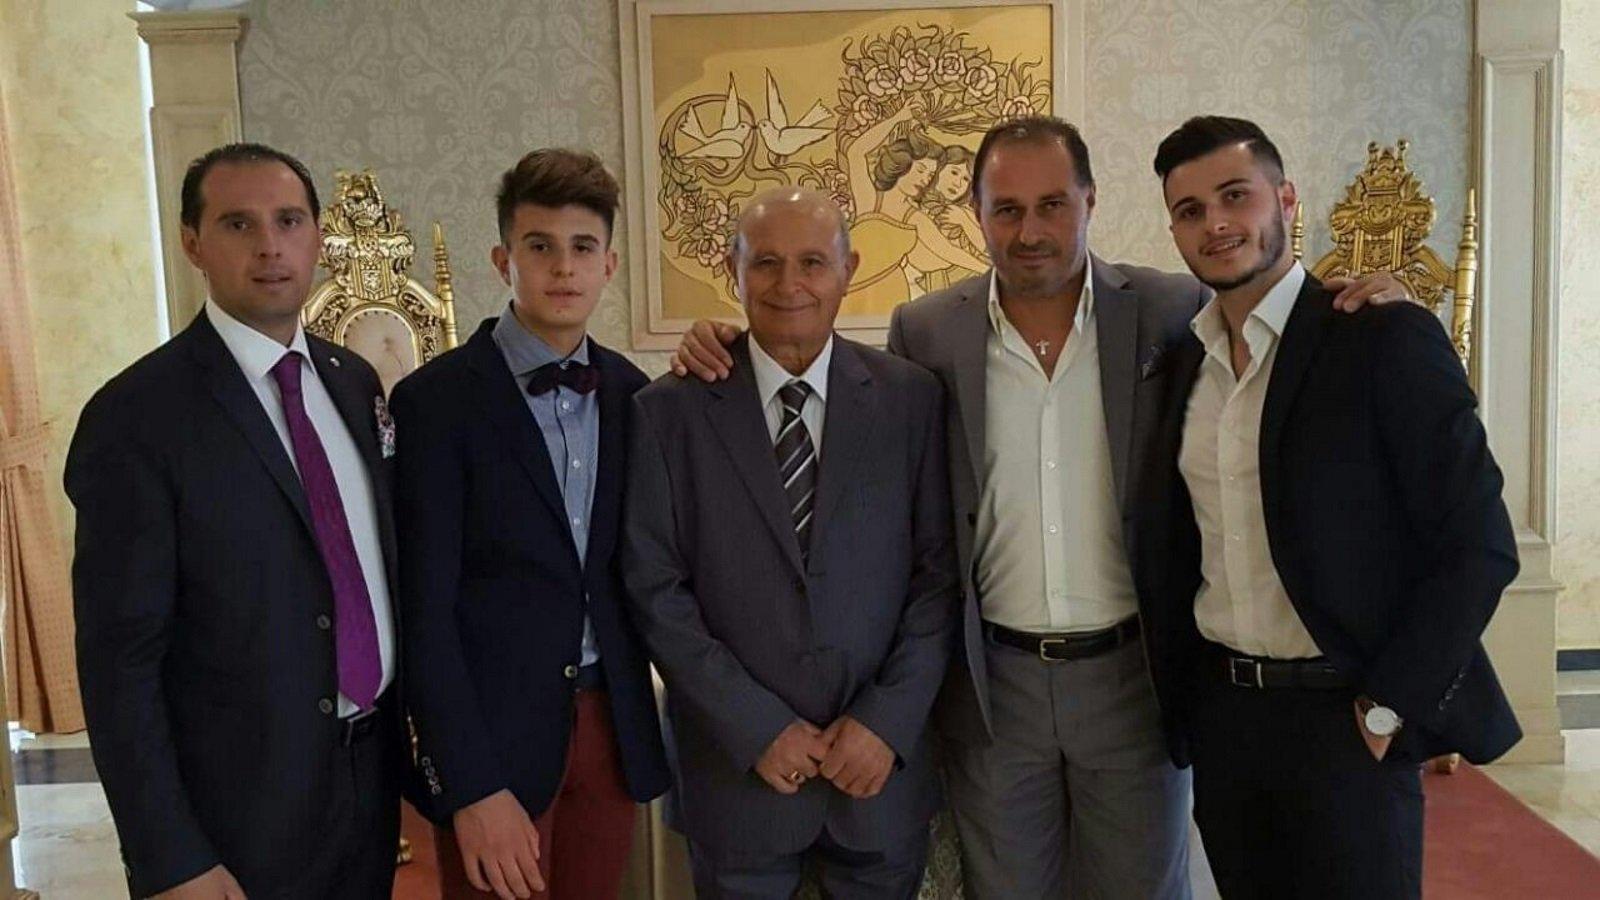 Gli uomini della famiglia Minardi